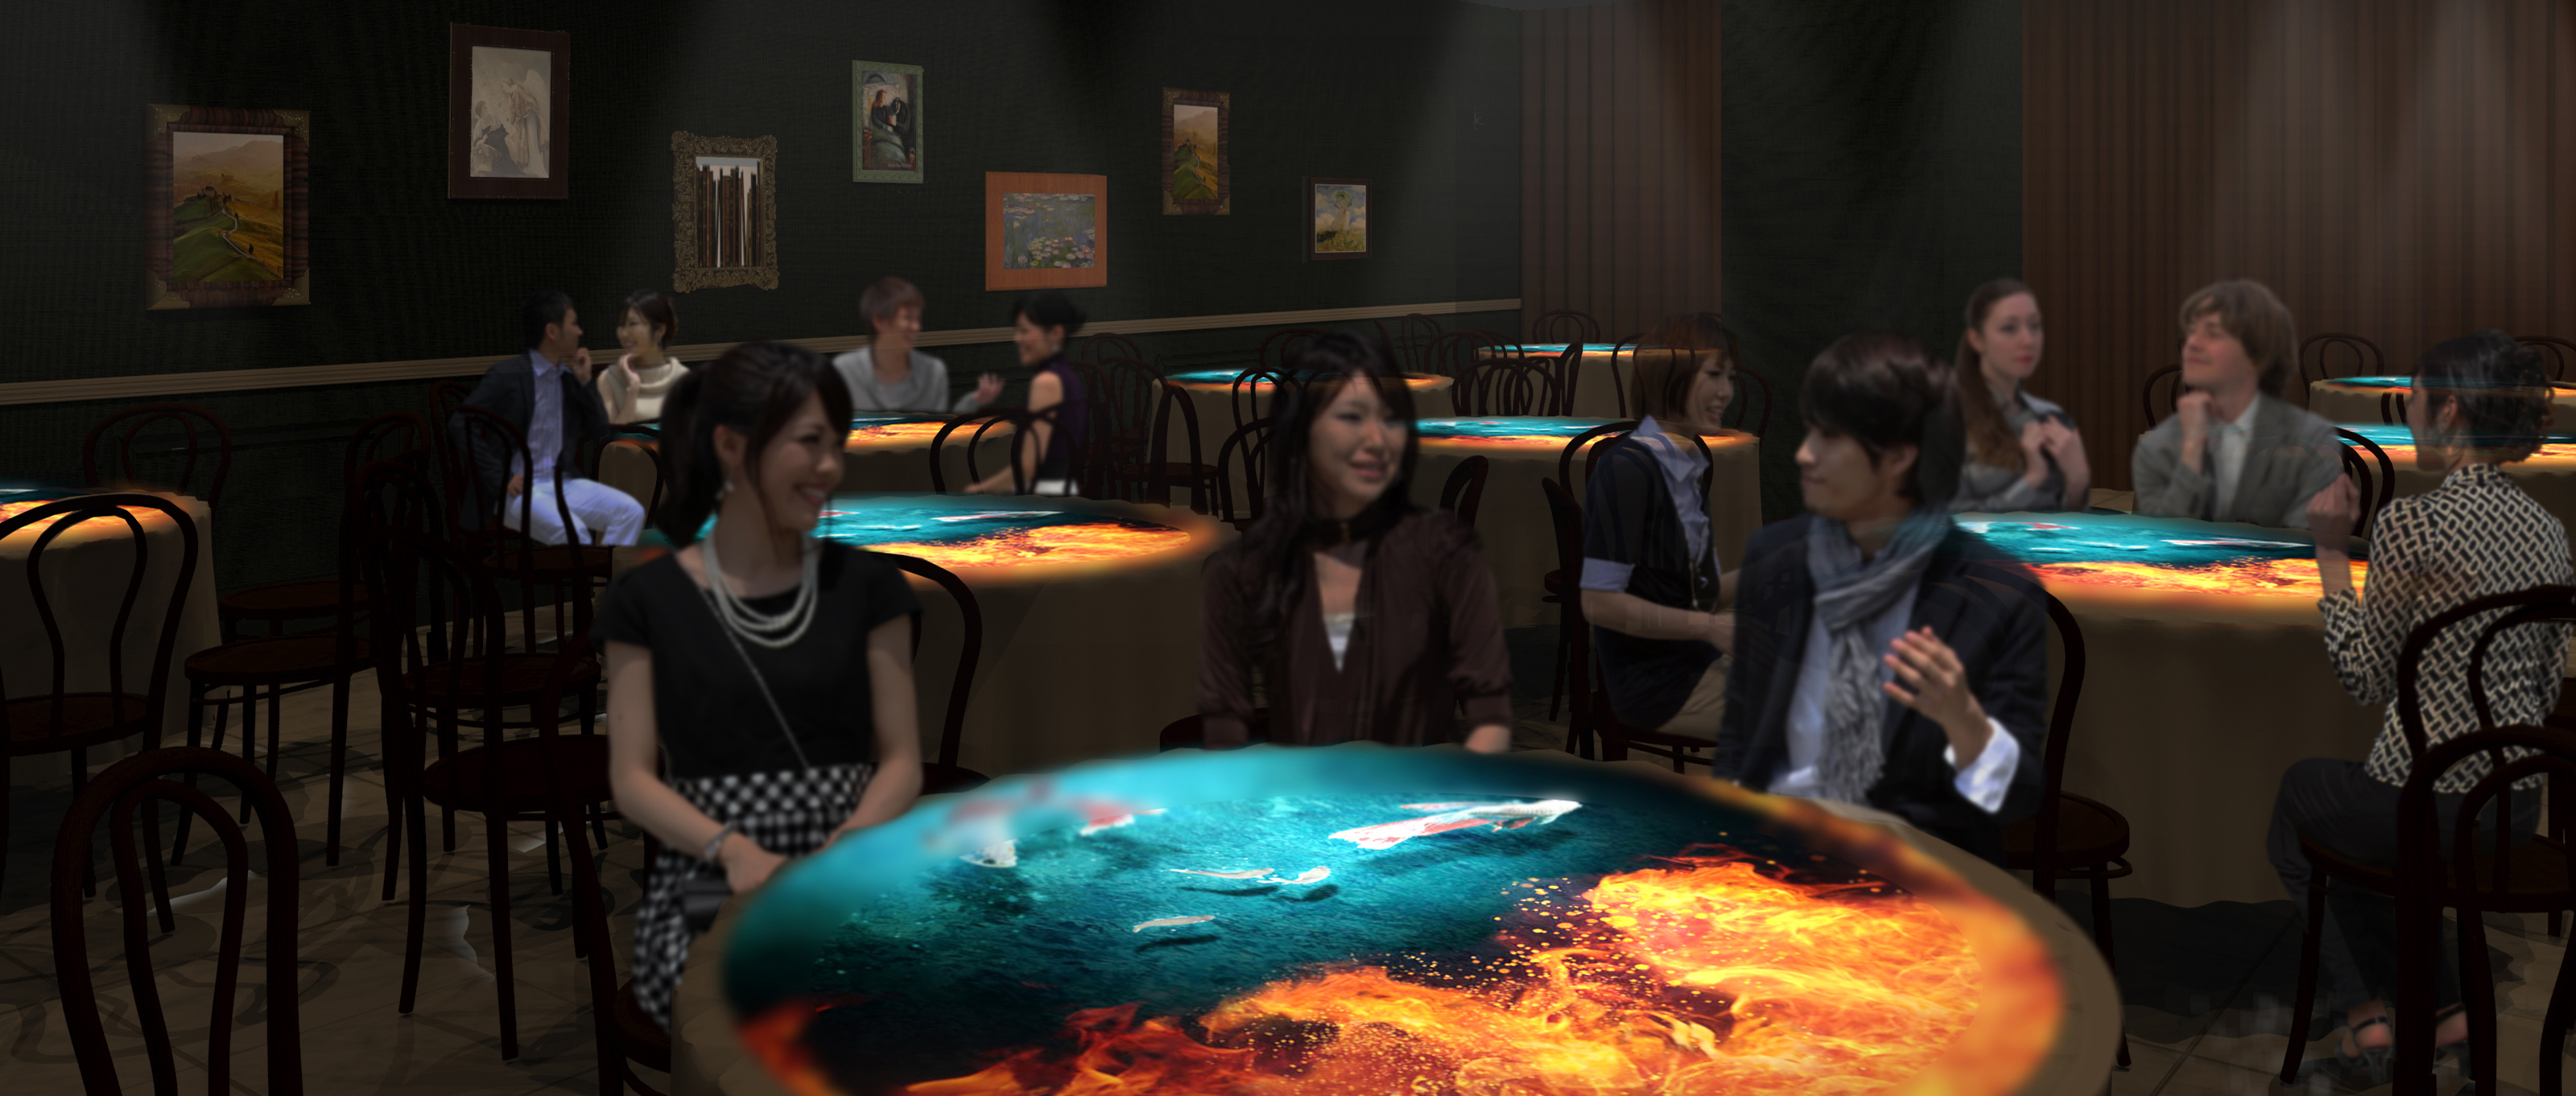 4階 PTGルーム Projection Table Game「不思議な晩餐会へようこそ」